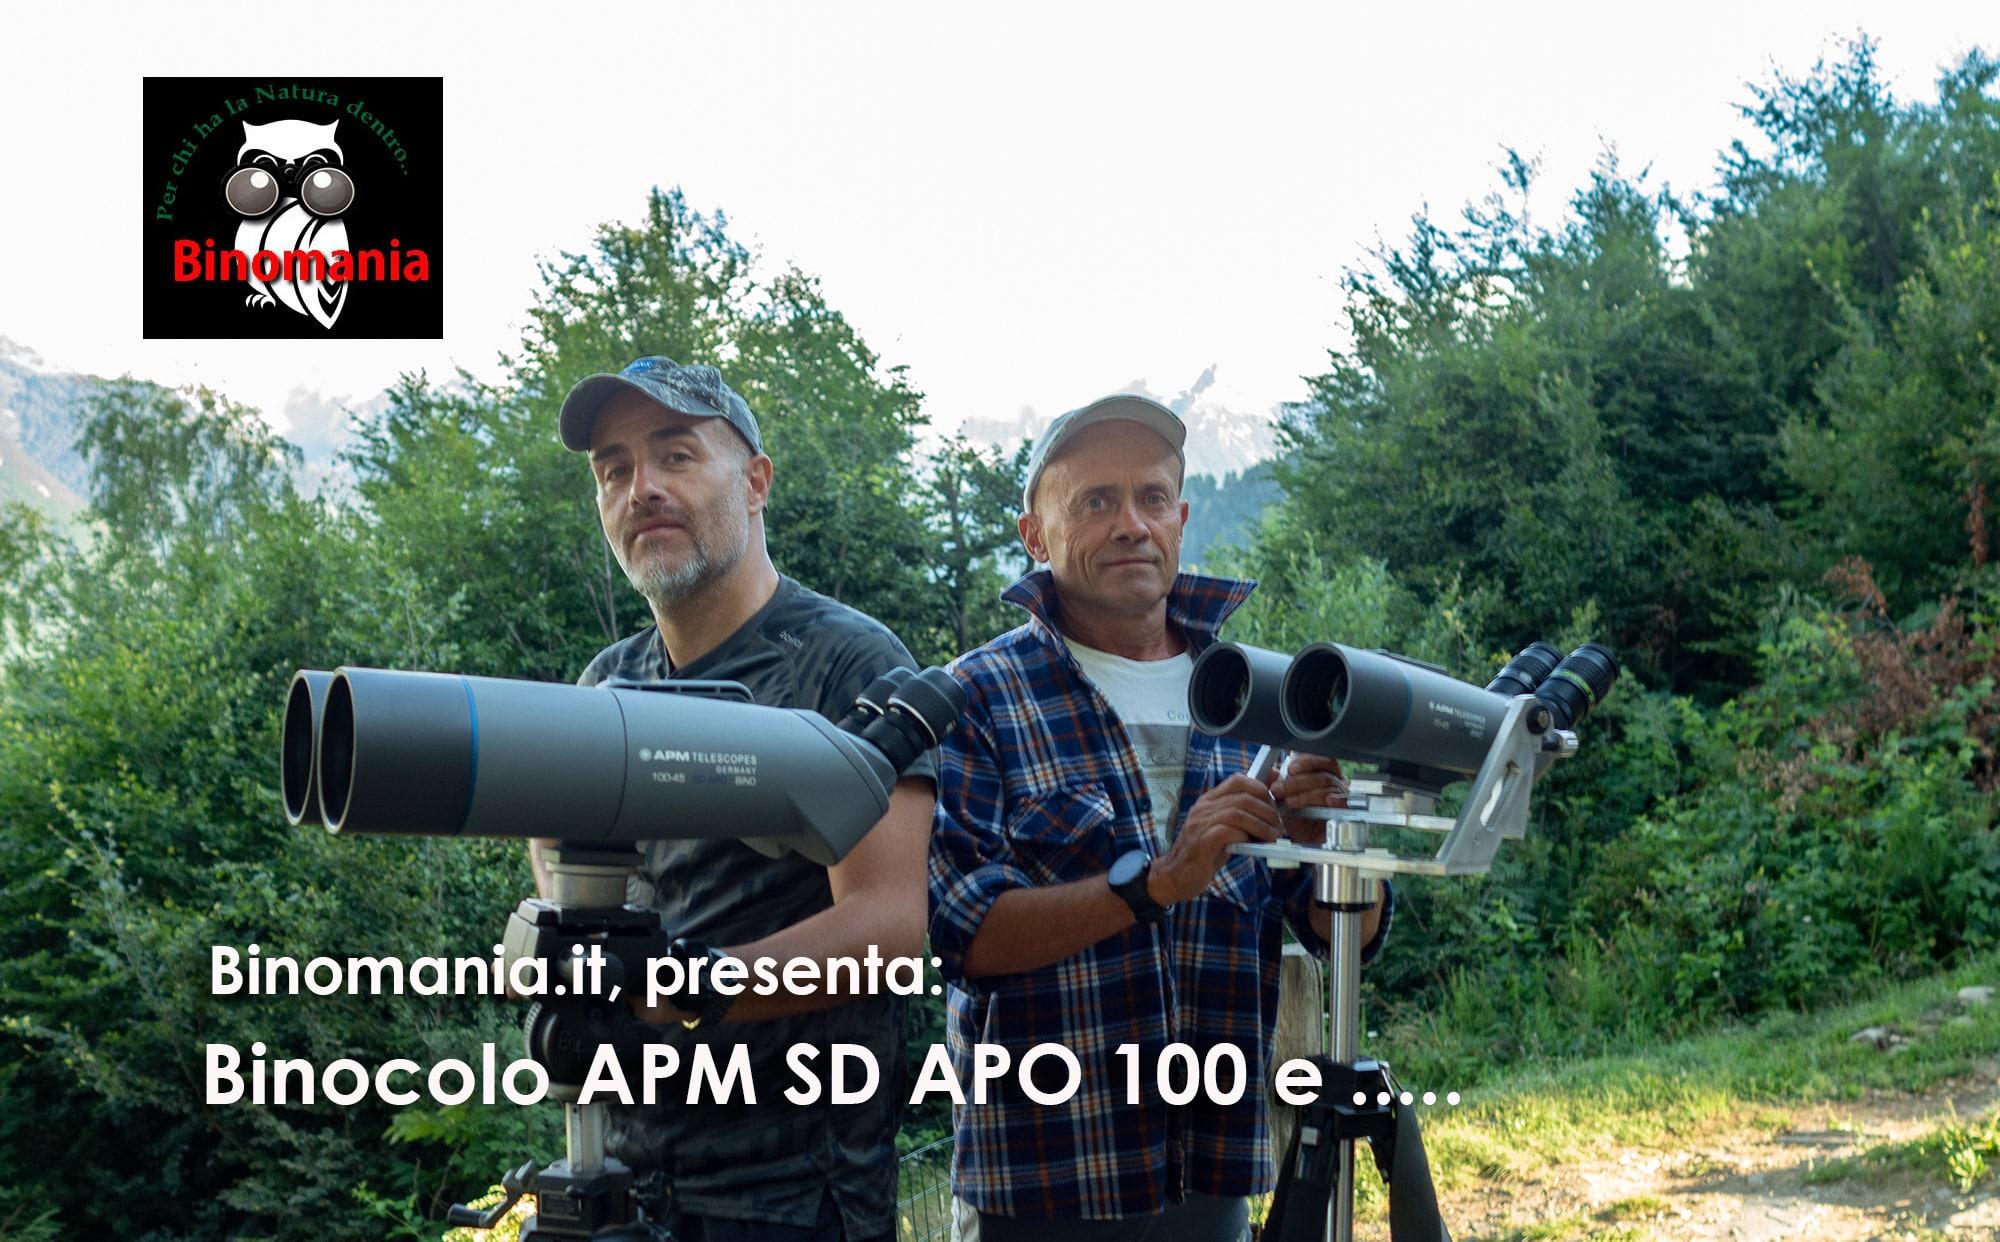 Binocolo APM 100 SD APO e…